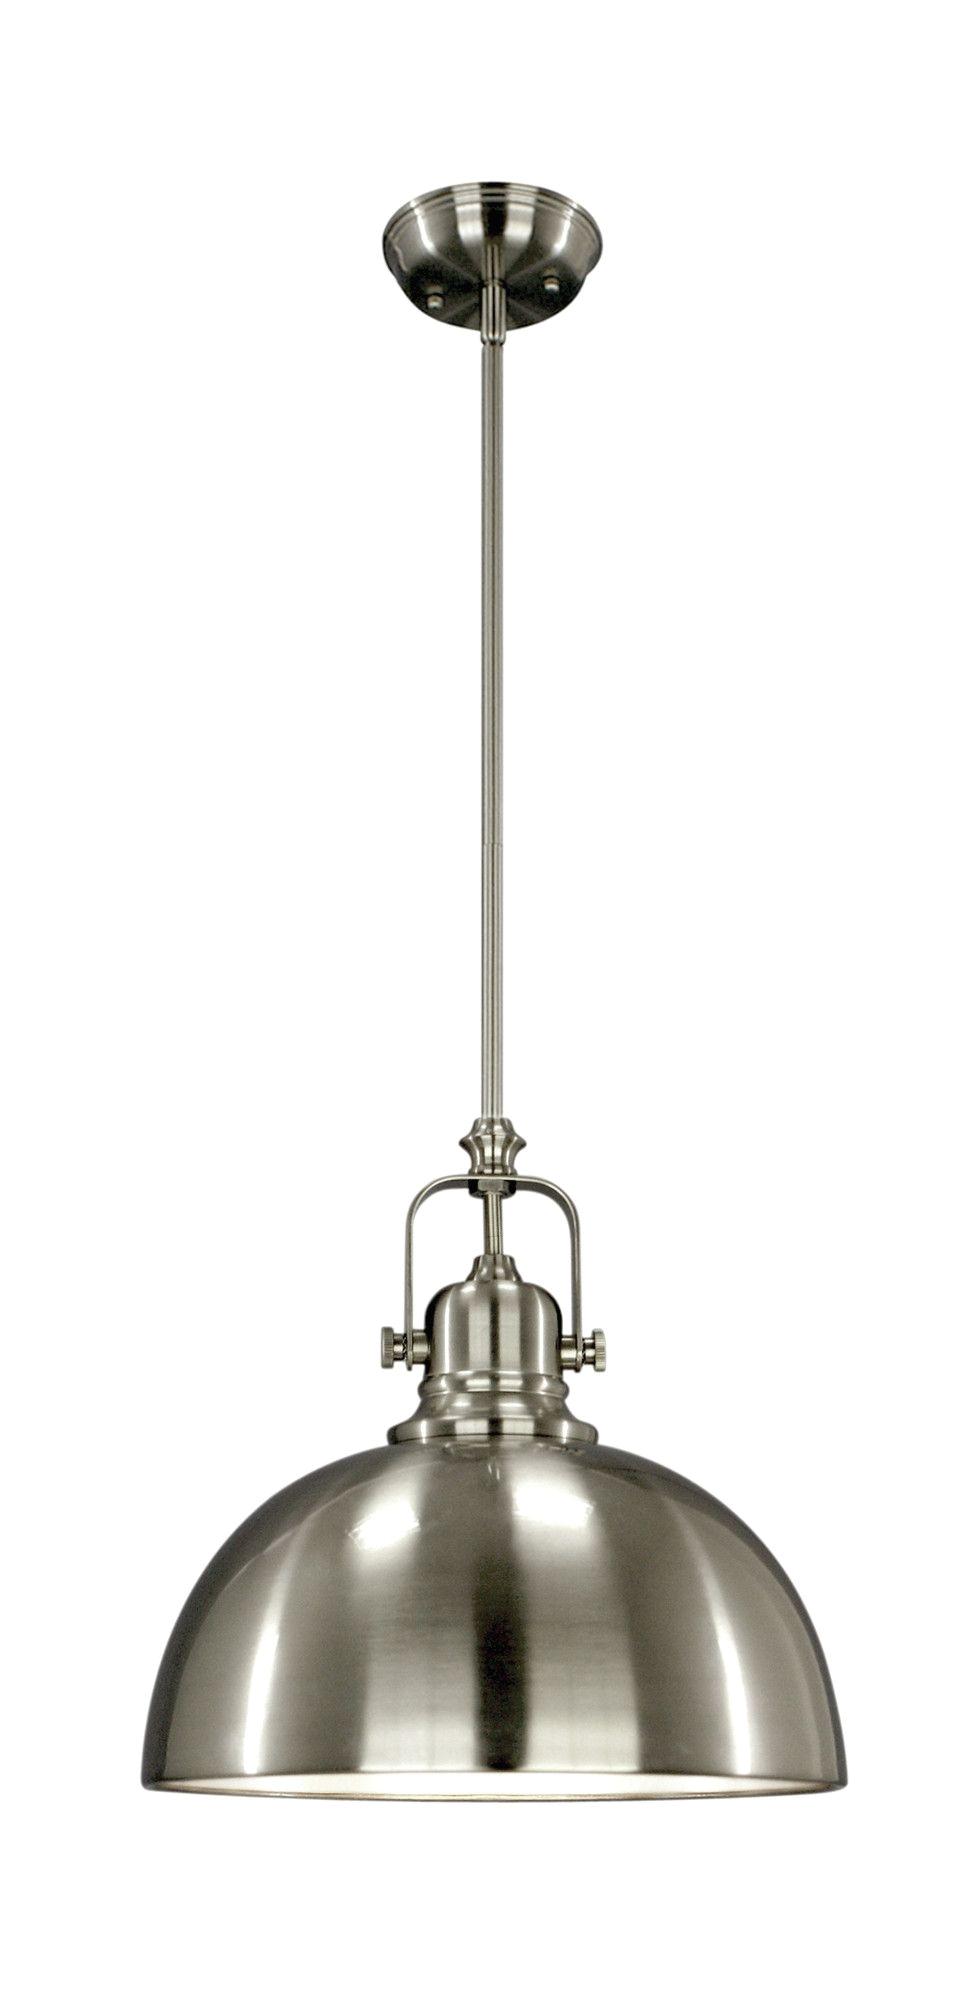 industrial pendant light fixture in brushed nickel or bronze homebegins at www greydock com more